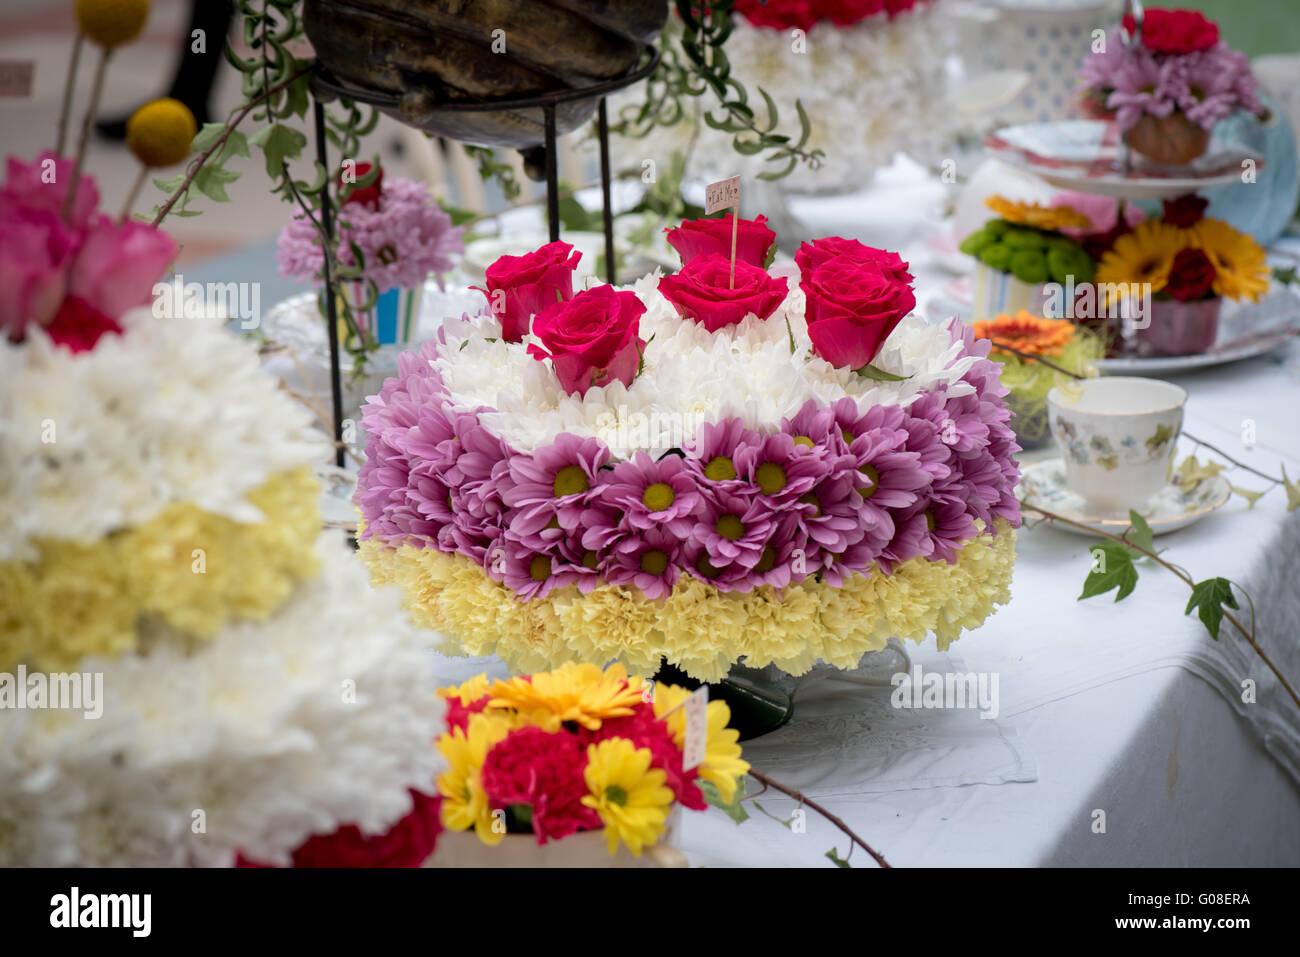 Geburtstag Torte Rosen Blumen Floral Bei Kuchen International The